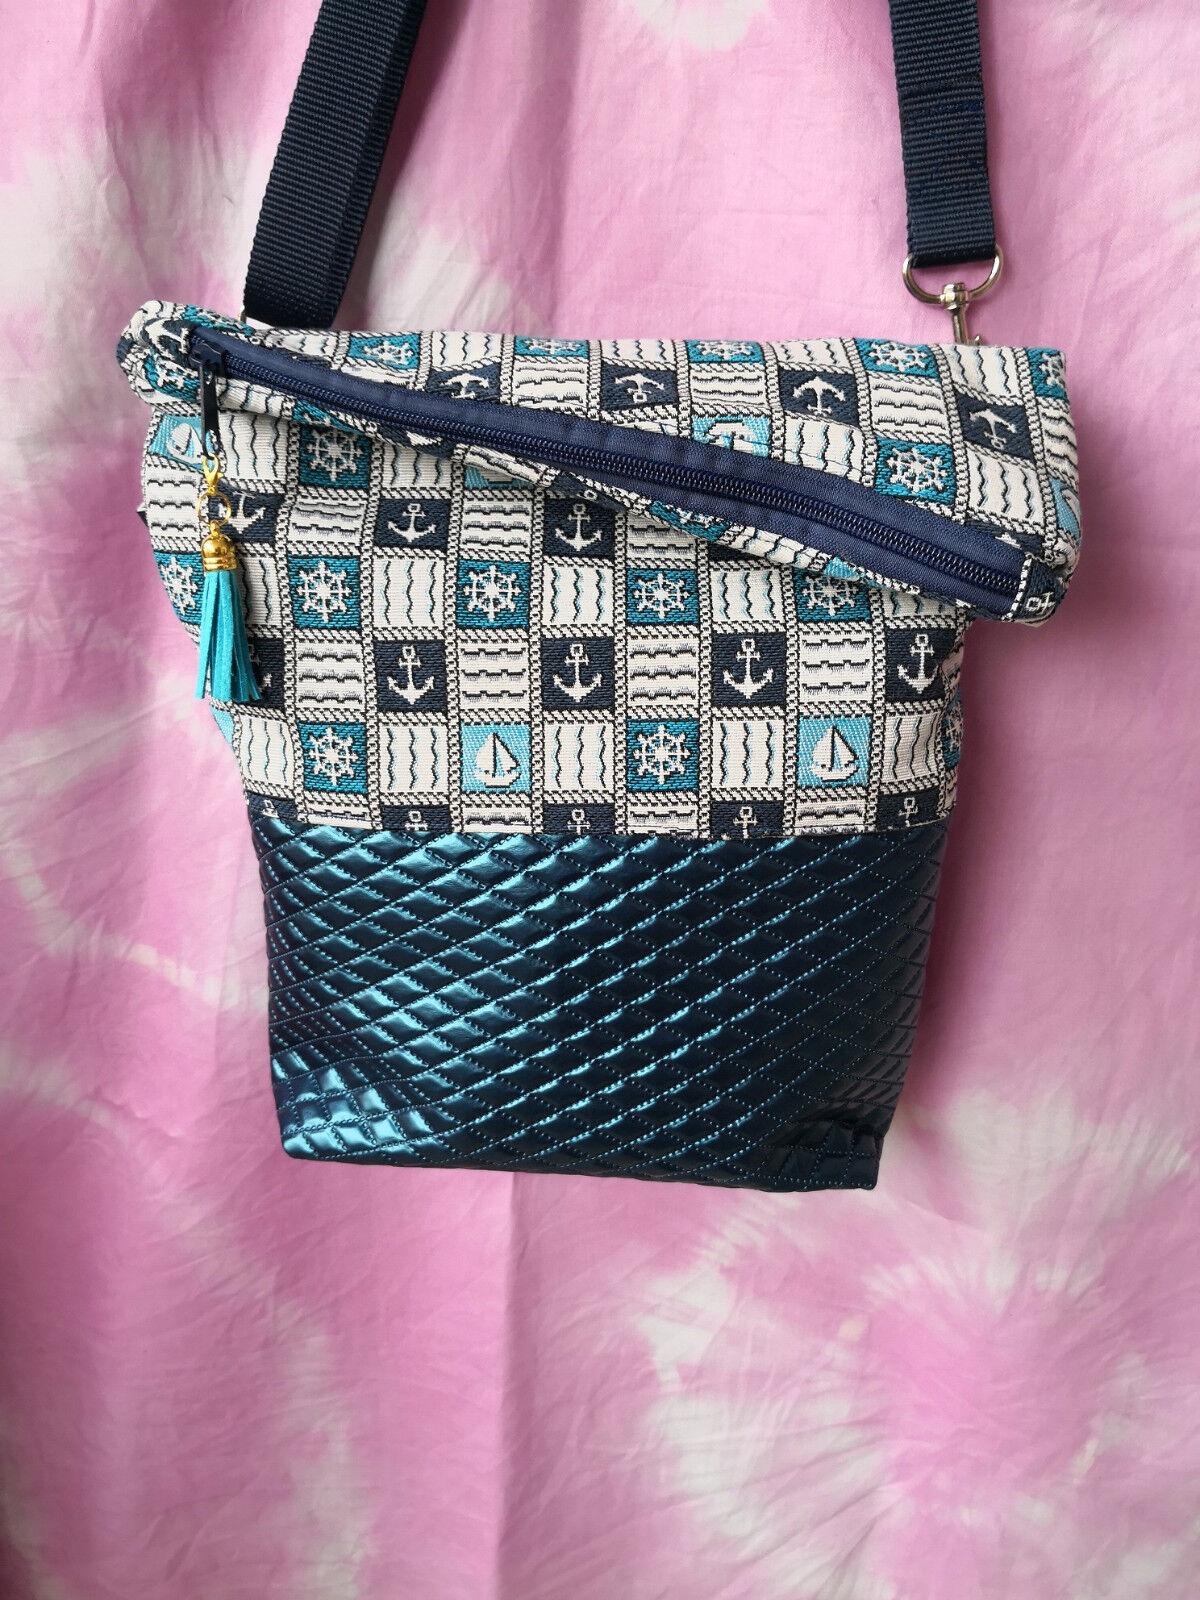 Ausgefallene Damen-Handtasche - Foldover -  Kunstleder Blau + Maritim